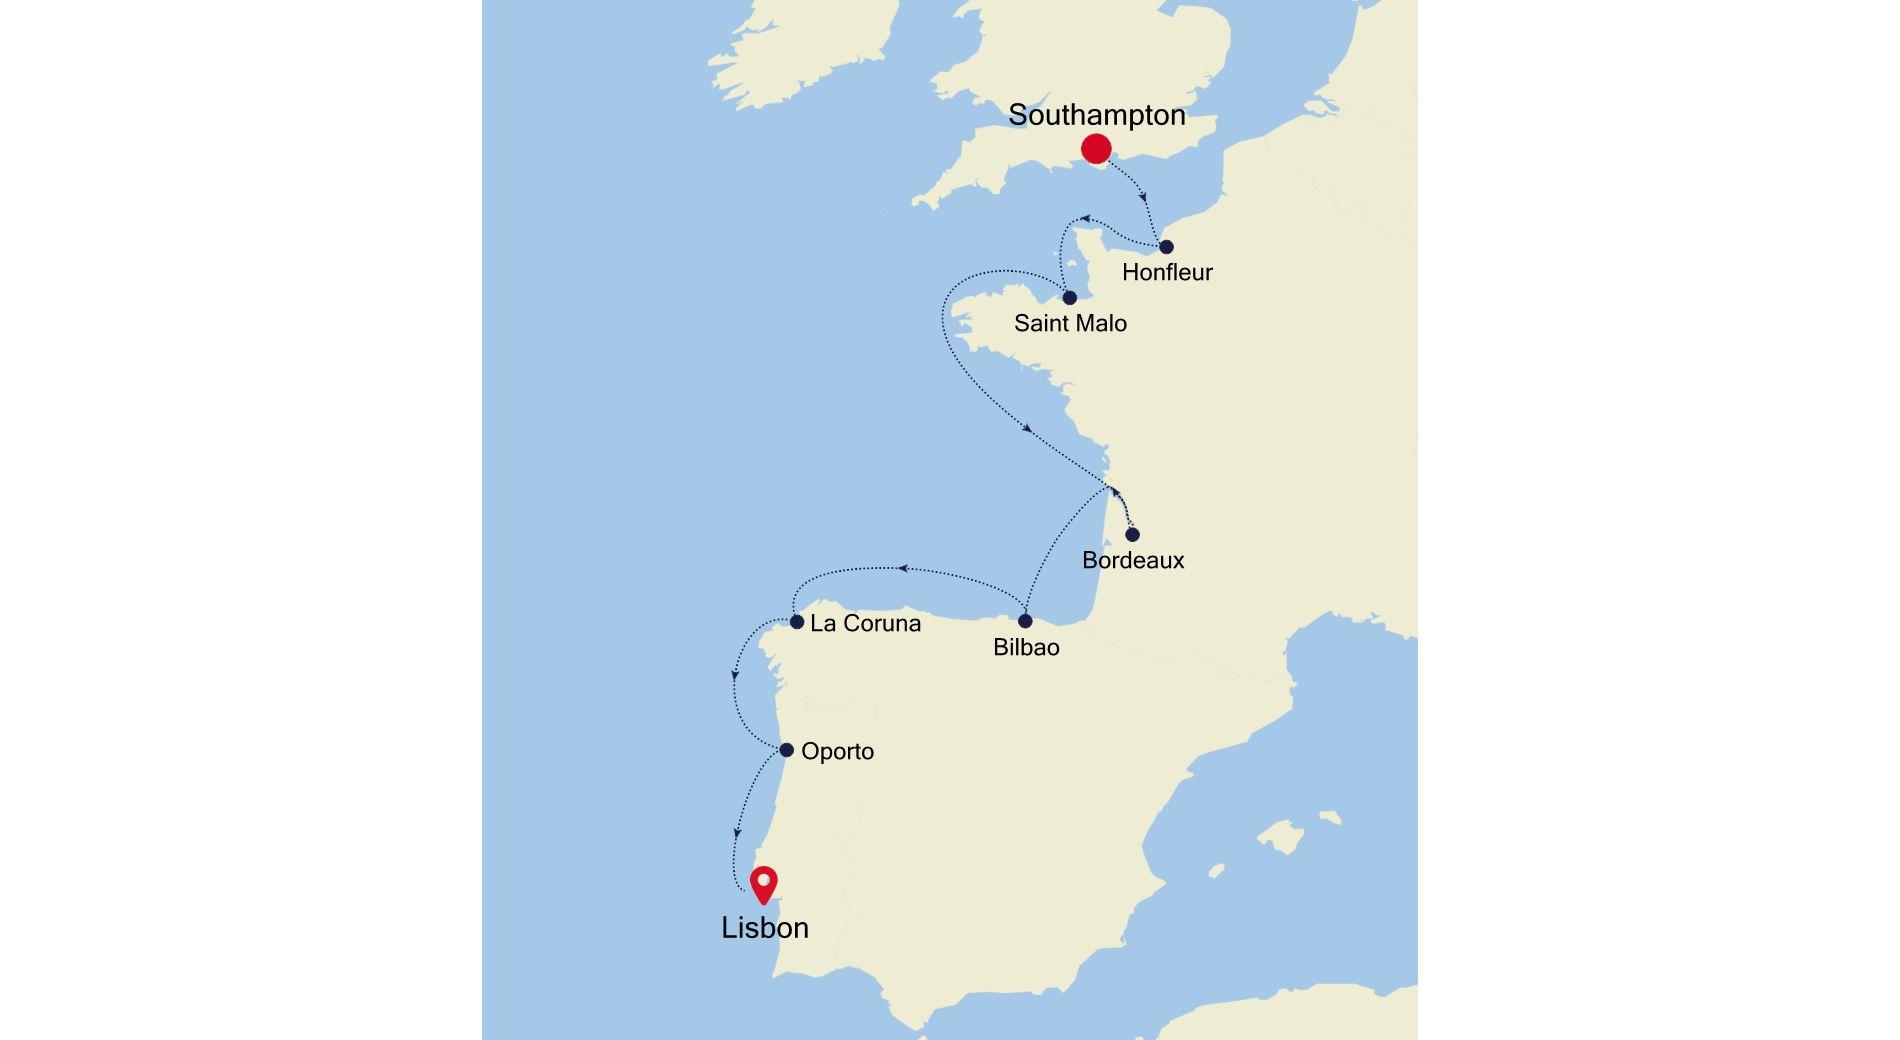 SL210927011 - Southampton a Lisbon